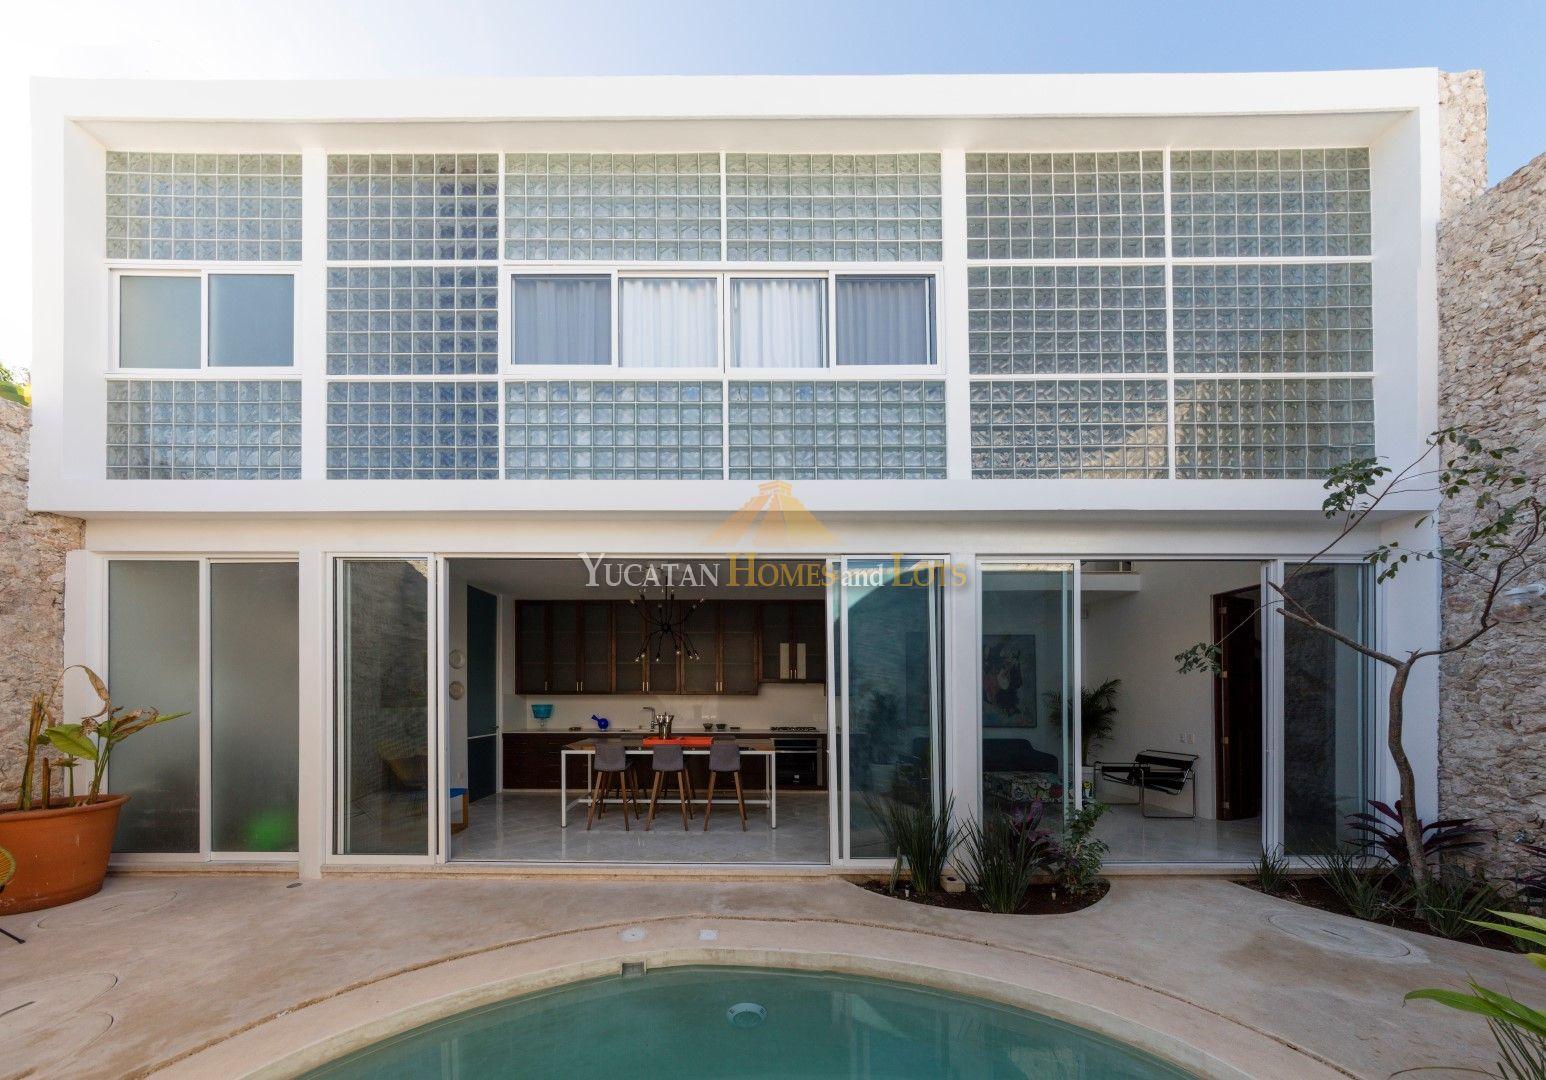 Casa cinco seis yhl1168 yucatan homes and lots for Casa rural mansion terraplen seis